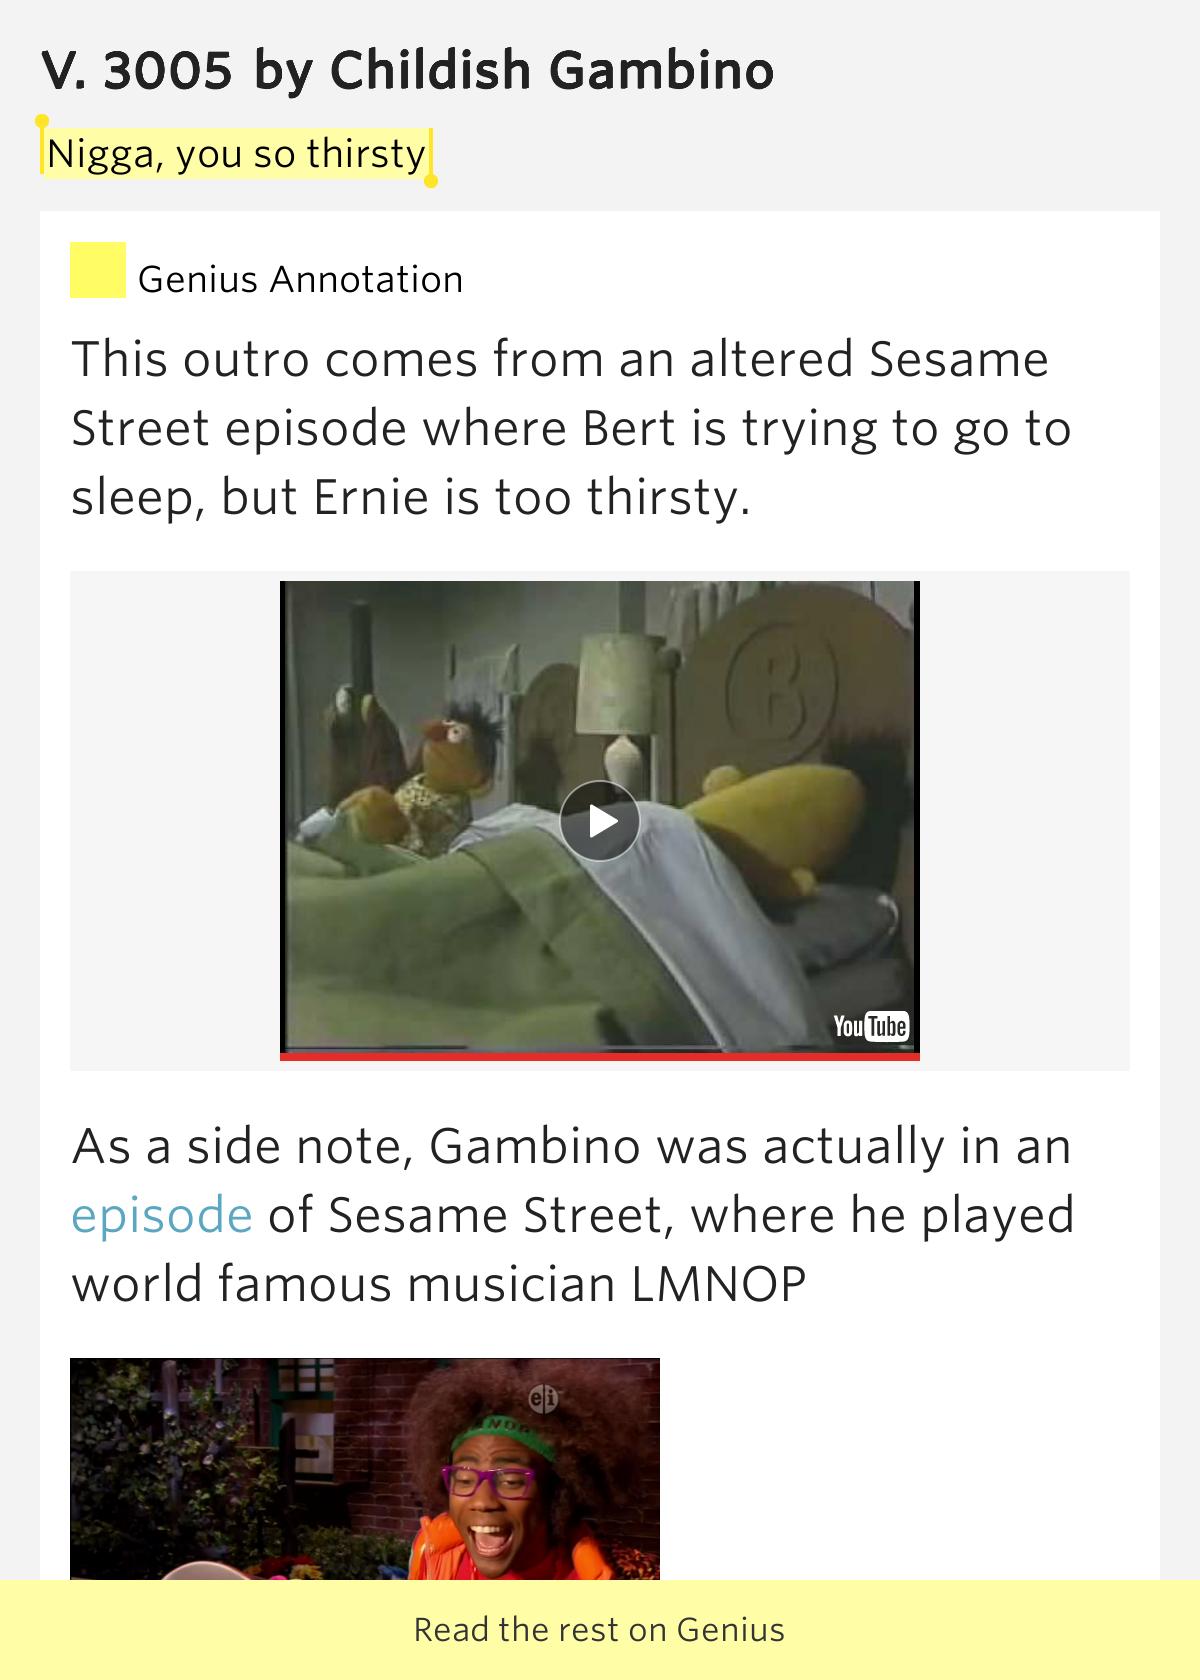 childish gambino lyrics 3005 - photo #28